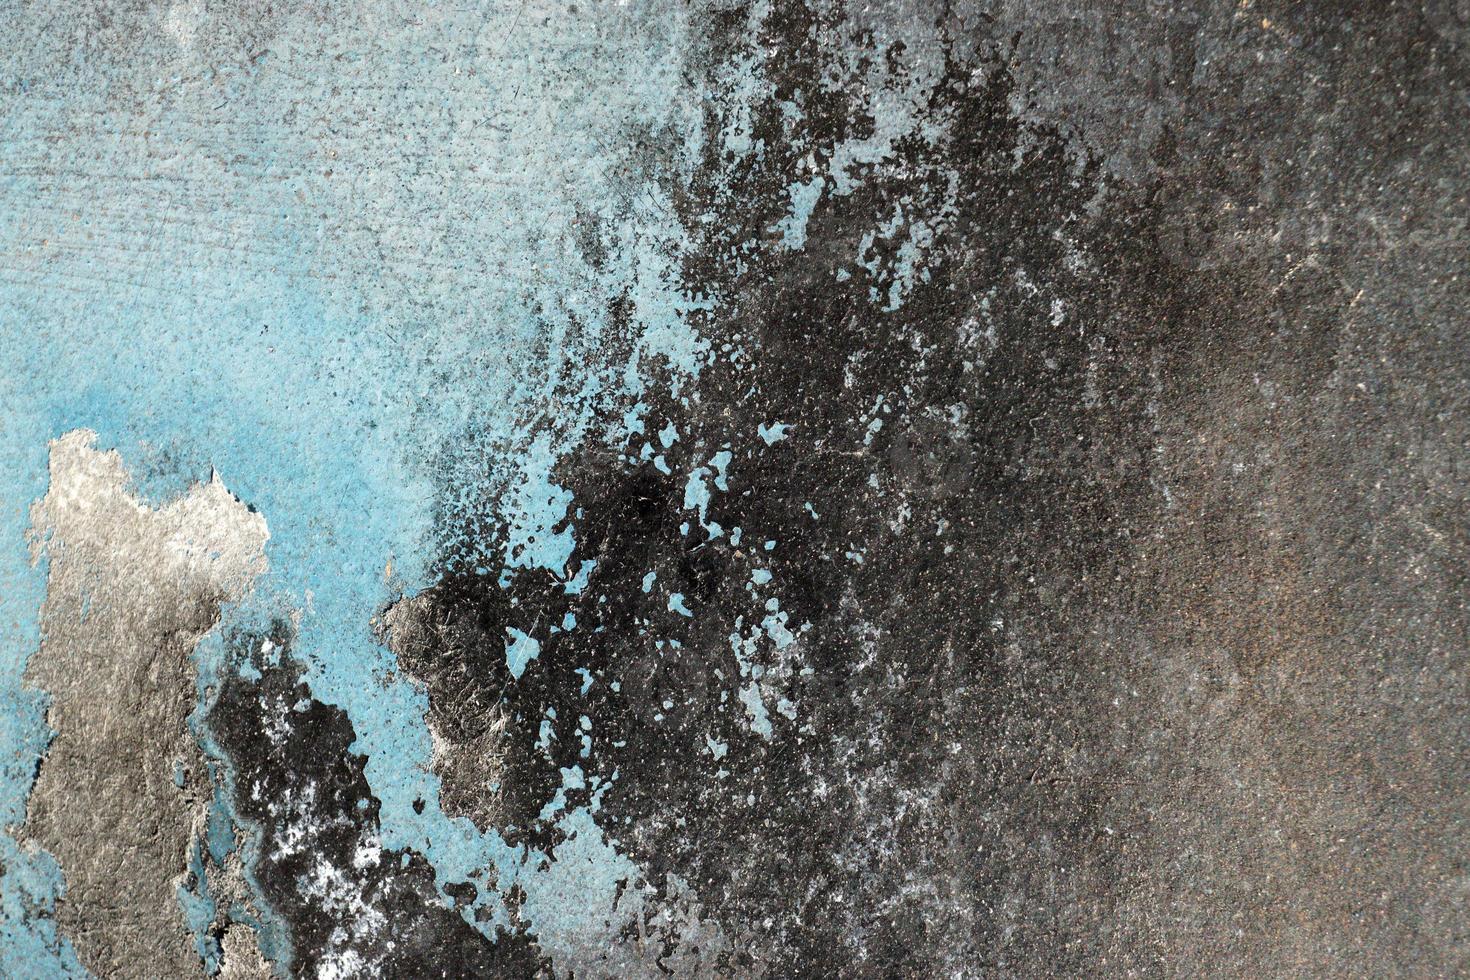 Superficie ronca, rayada y pelada con pintura azul y negra. foto